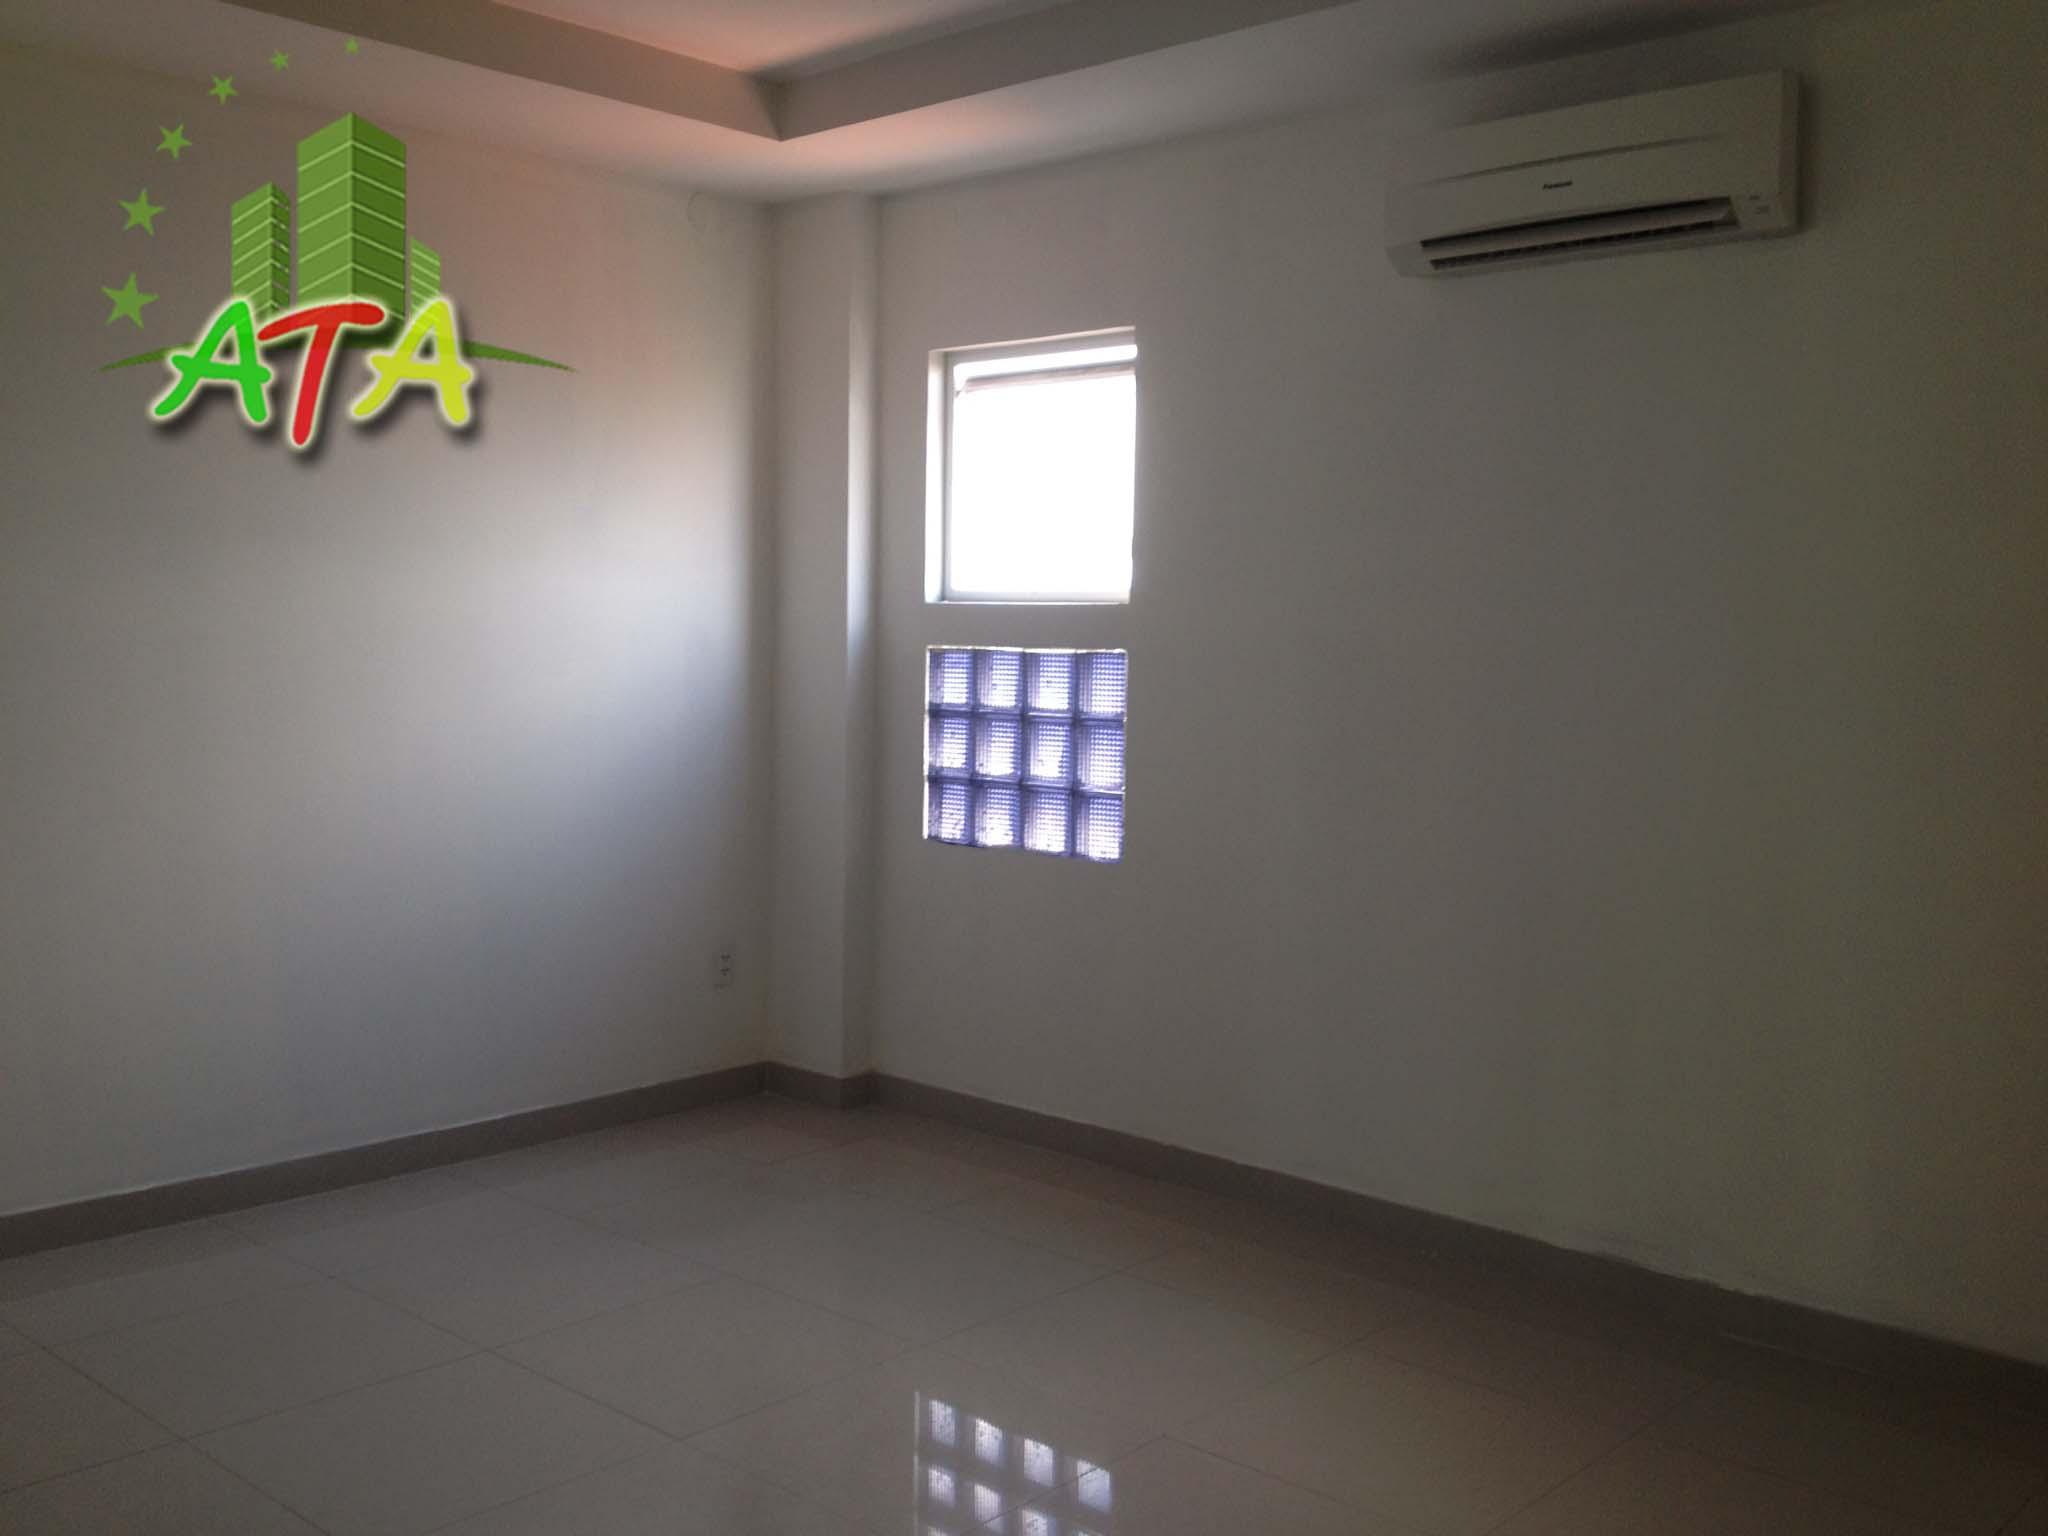 văn phòng cho thuê quận Bình Thạnh, GIC building đường Bạch Đằng, office for lease in HCMC